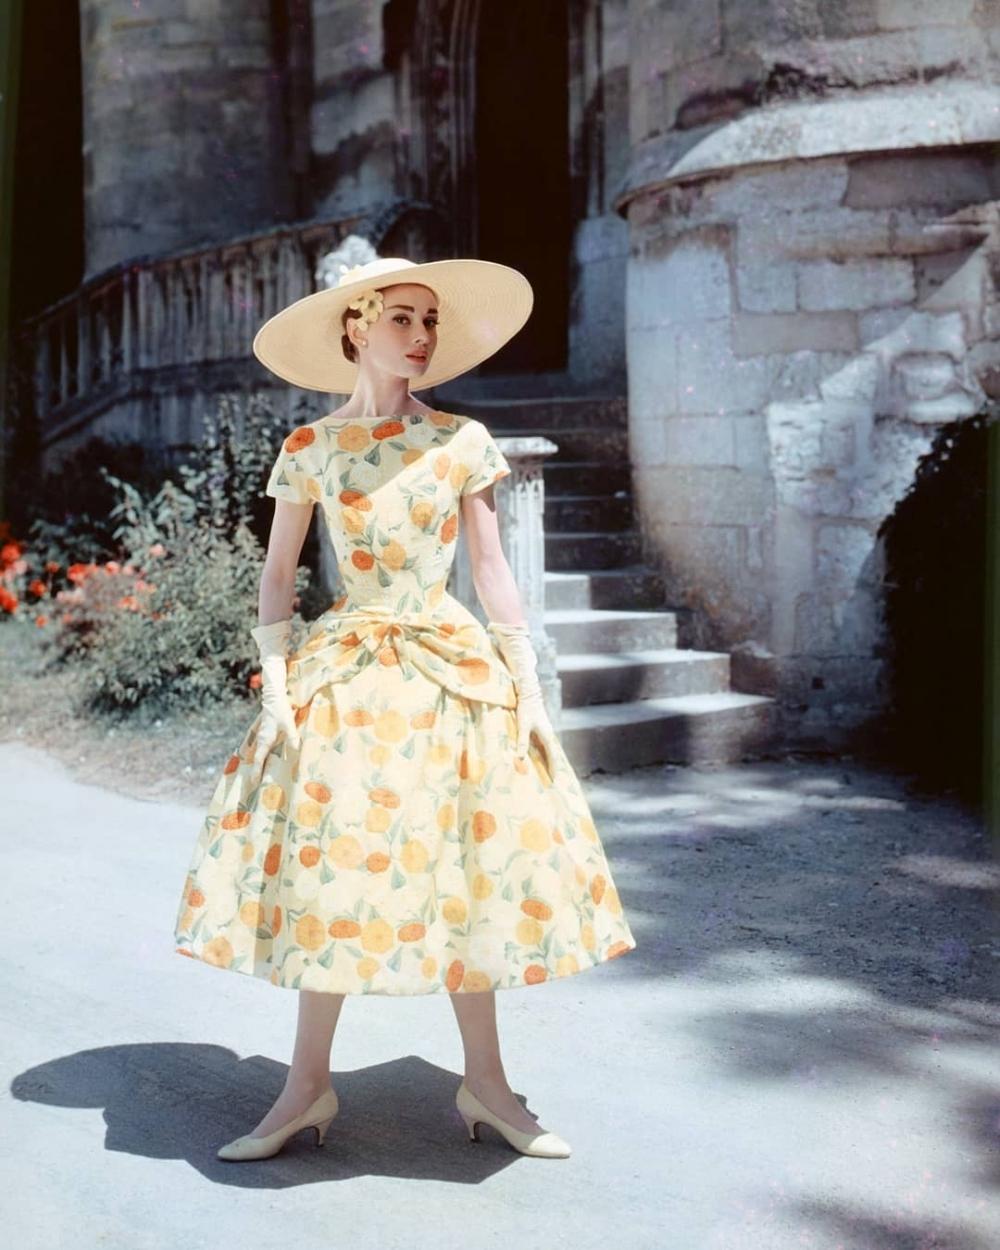 停止對鏡子裡的自已嘆氣,優雅典範的 Audrey Hepburn 柯德莉夏萍 也都曾有這些煩惱!